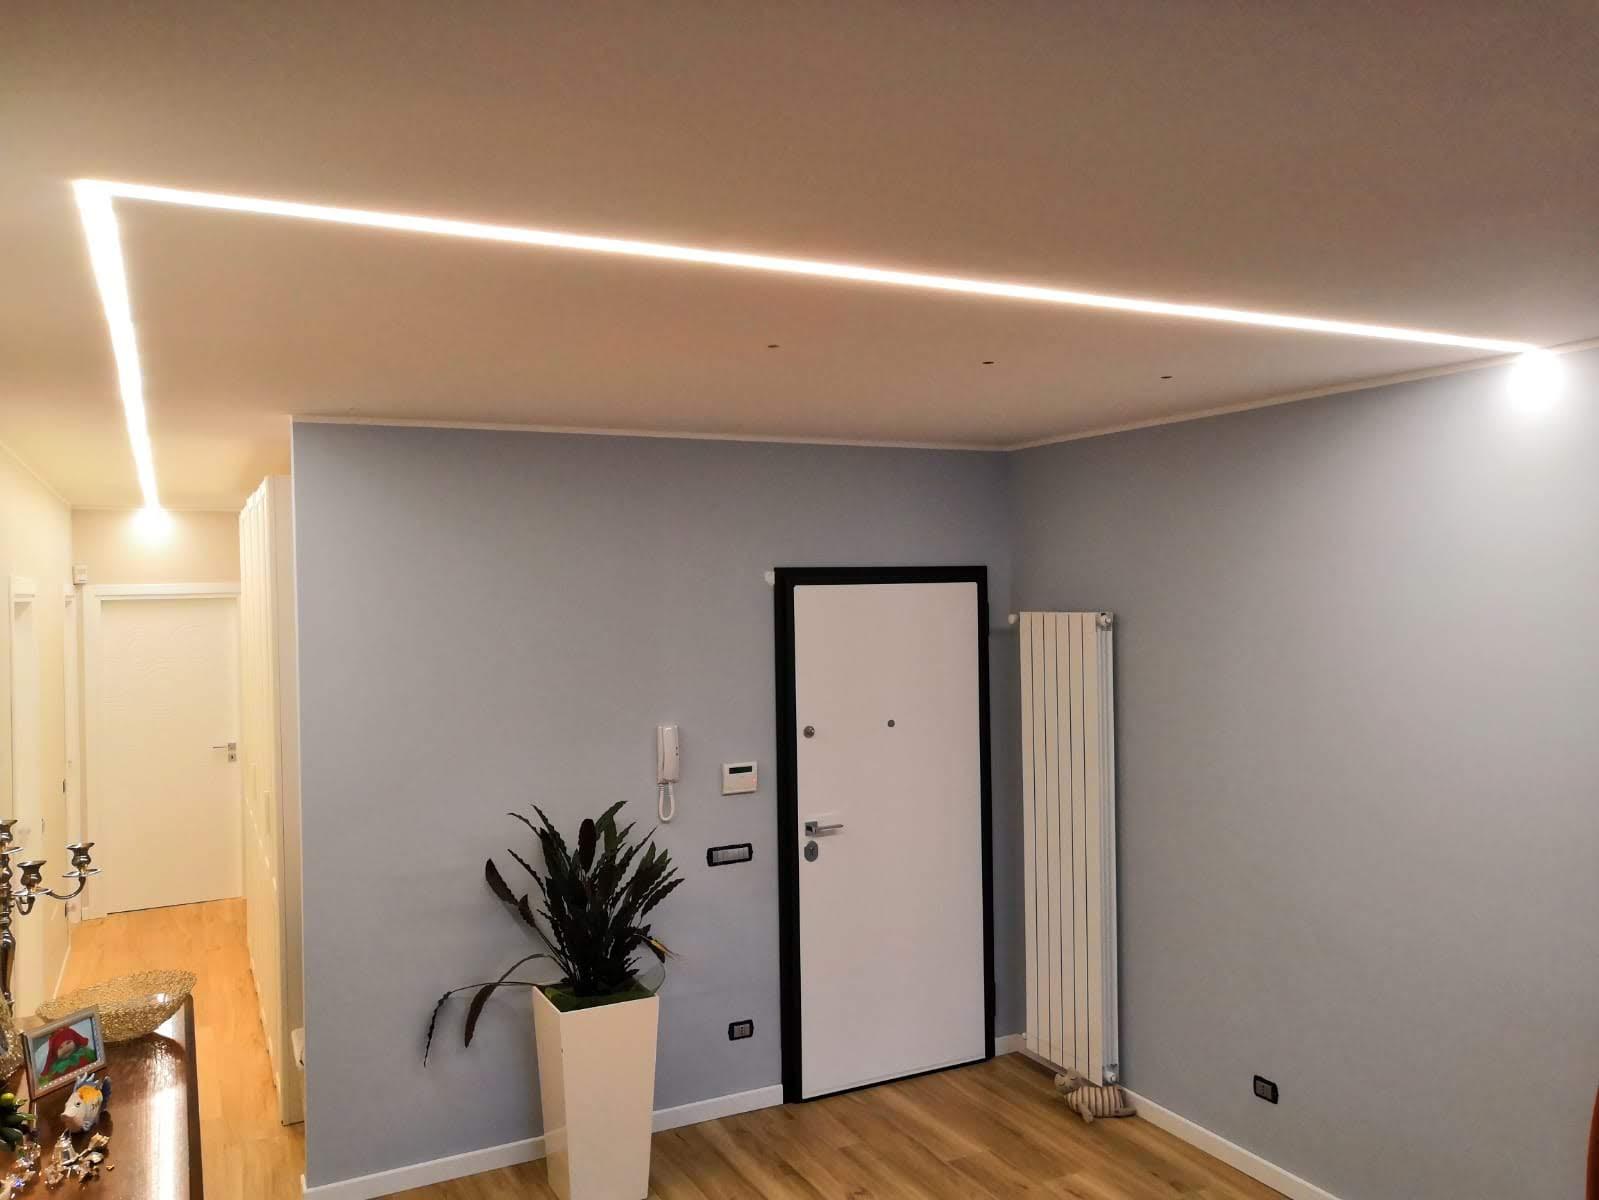 Lampade Sopra Tavolo Da Pranzo illuminare un living, abitazione privata - studio luce